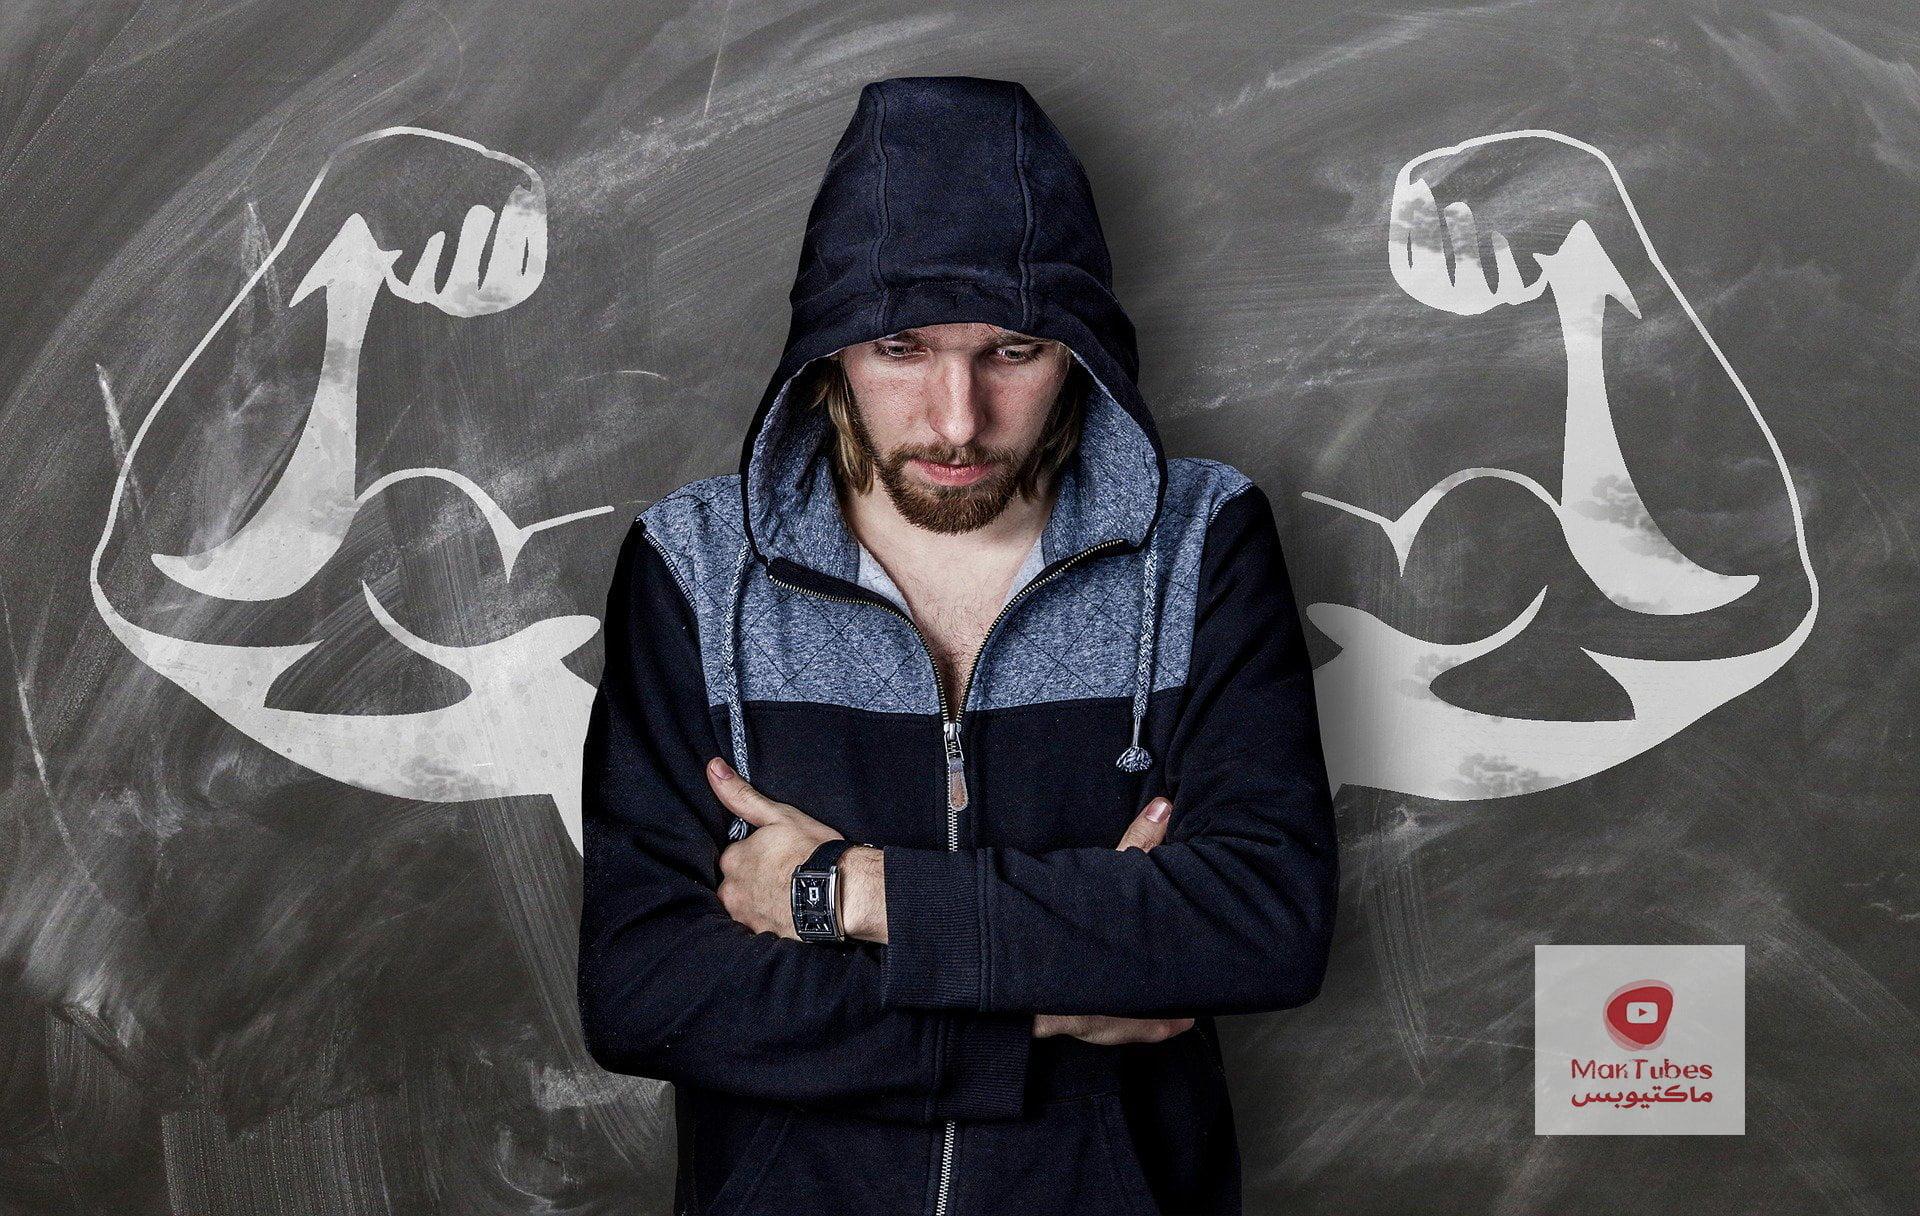 ثلاث خطوات لتعزيز الثقة بالنفس و قوة الشخصية